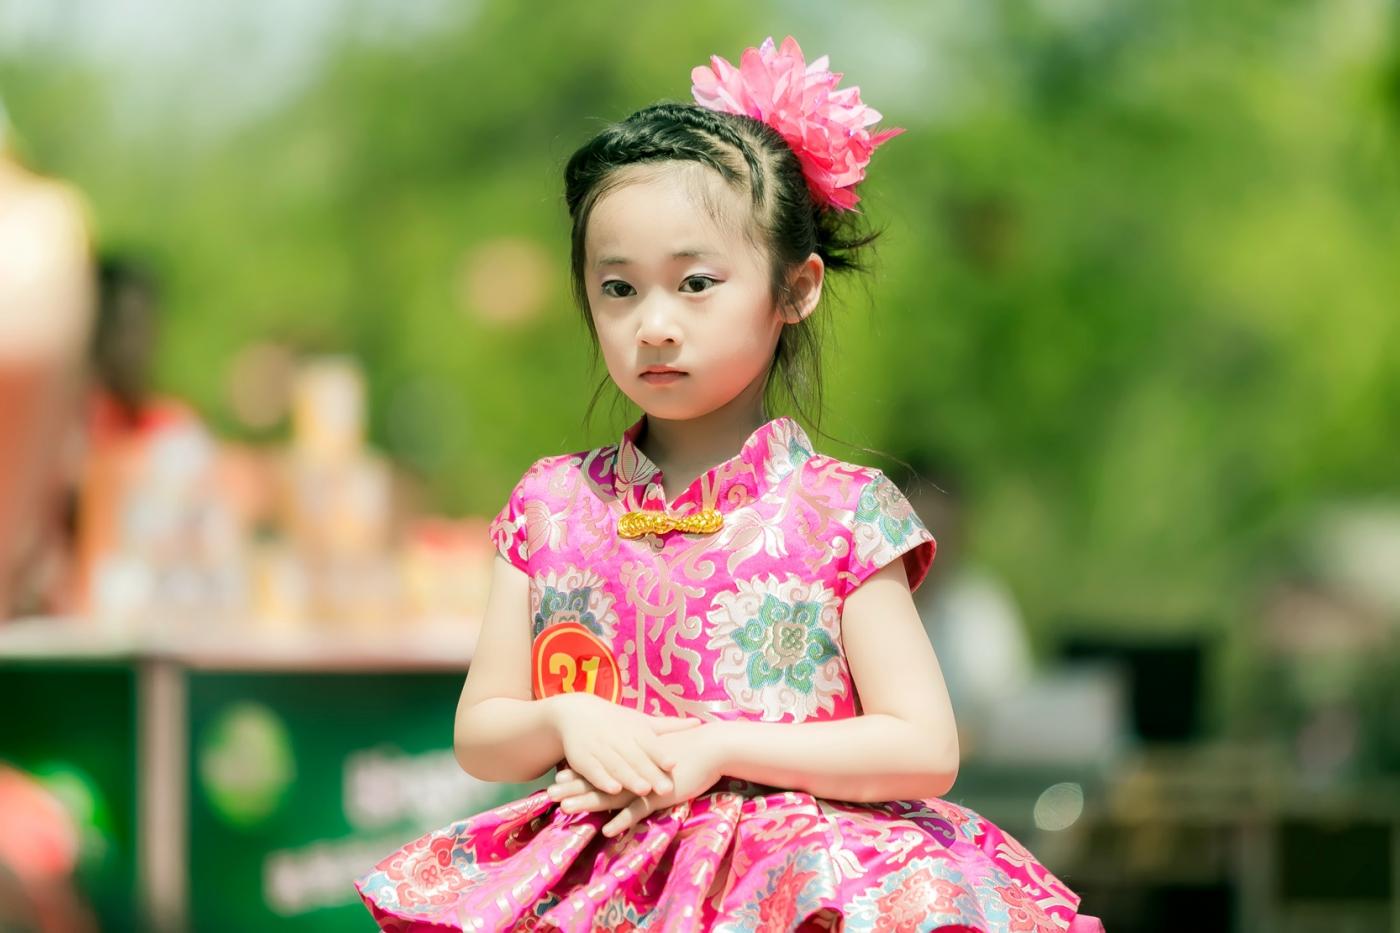 沂蒙娃娃穿上礼服走上show台 有个女孩特别萌 礼仪就要从娃娃抓起 ..._图1-6